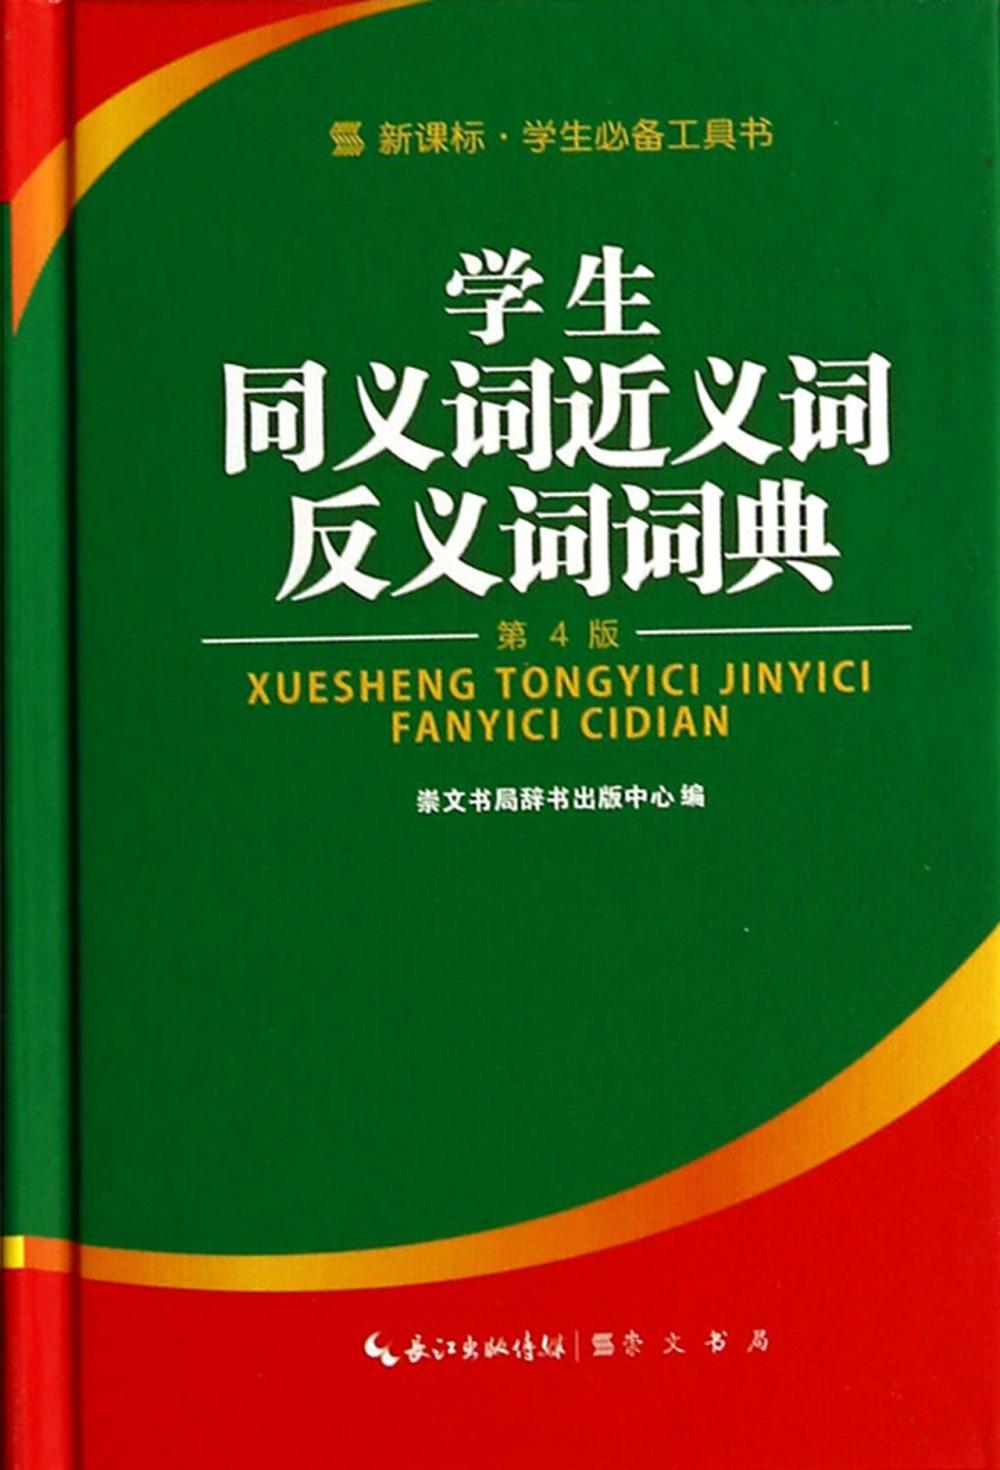 學生同義詞近義詞反義詞詞典:第4版